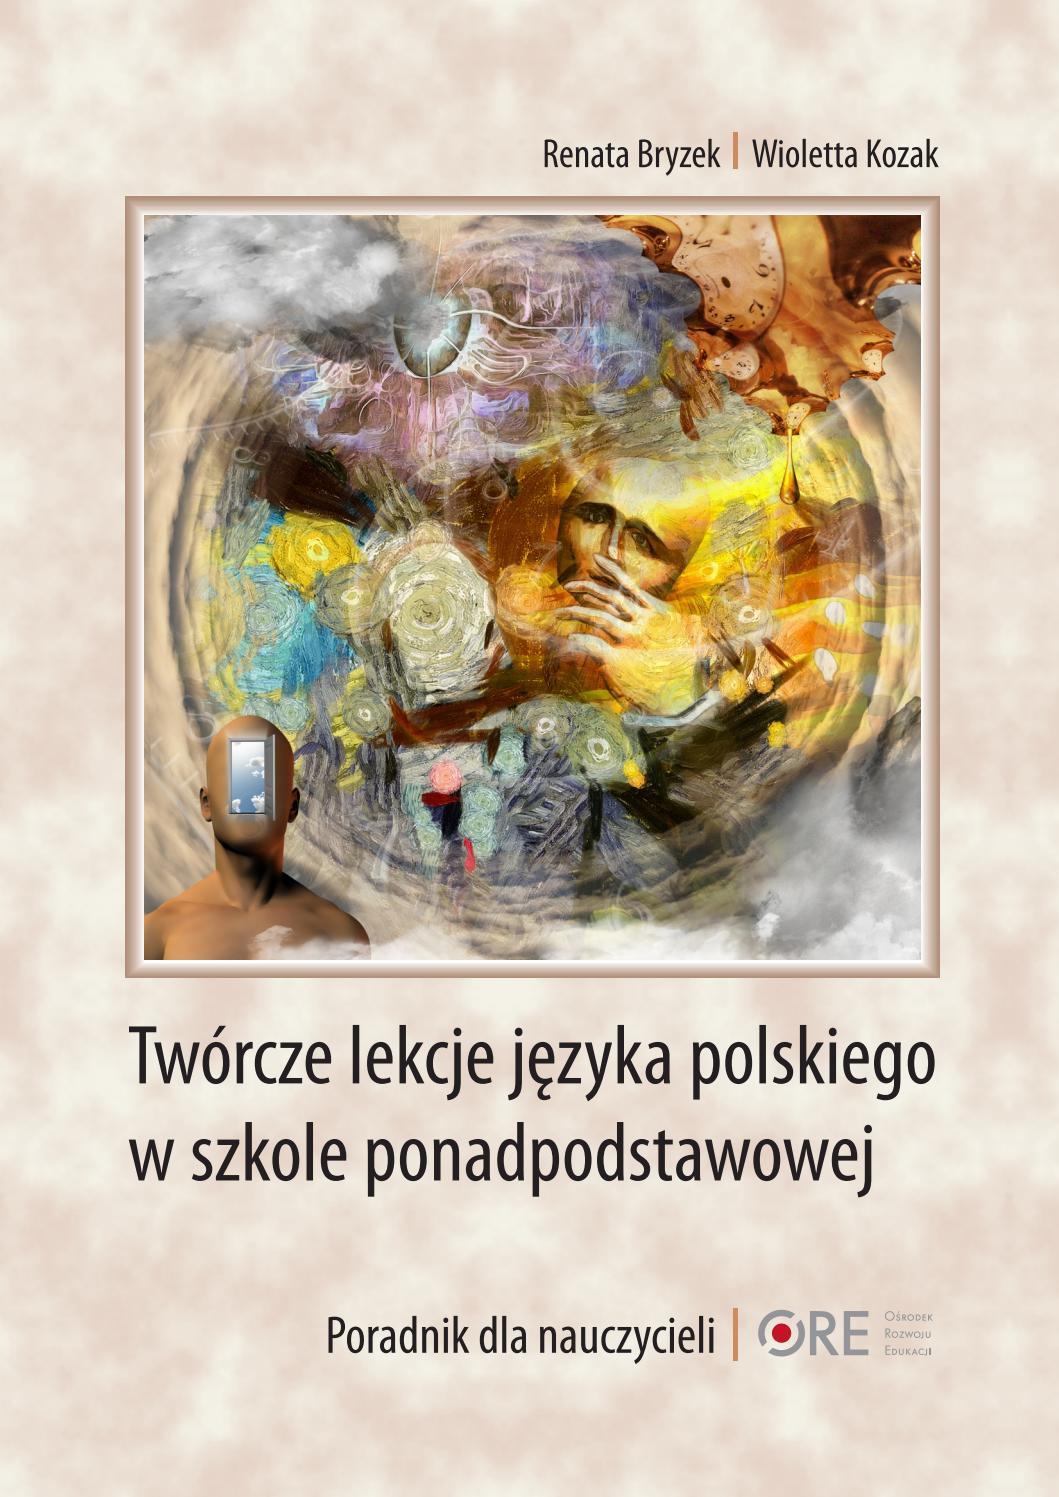 Twórcze lekcje języka polskiego w szkole ponadpodstawowej